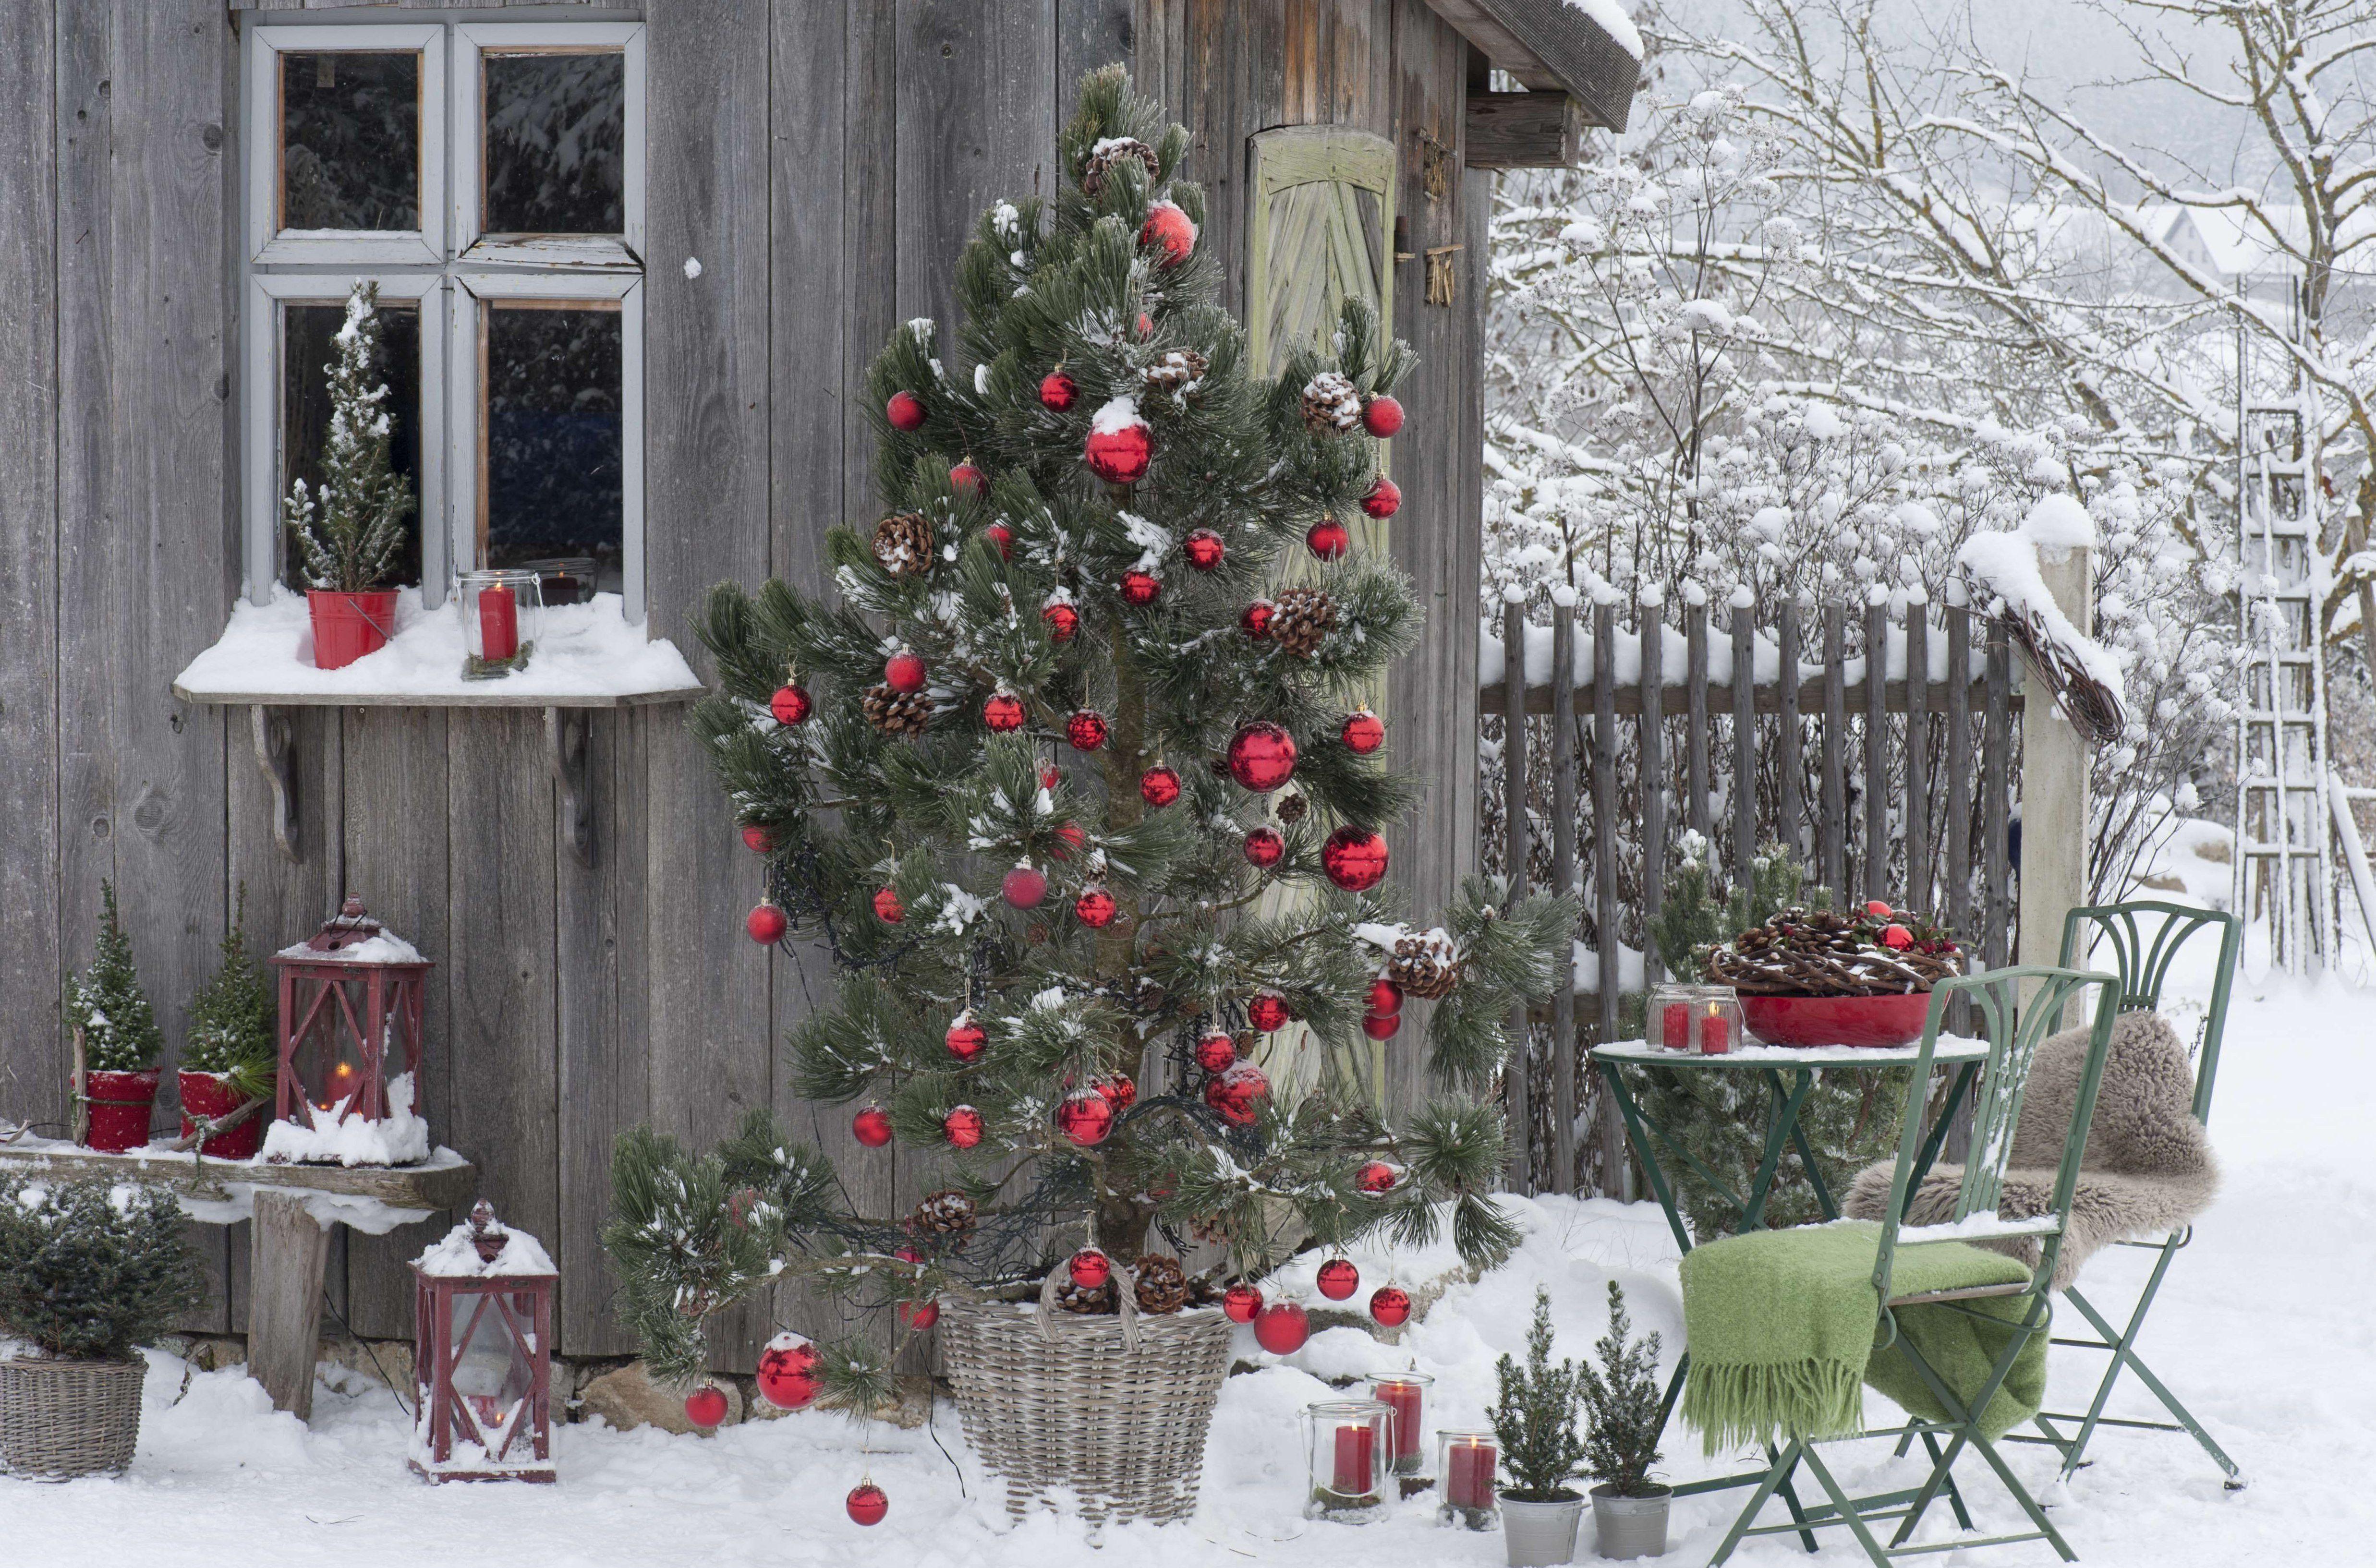 Weihnachtsdekoration Ideen Fur Schaufenster Eigenschaften Genial